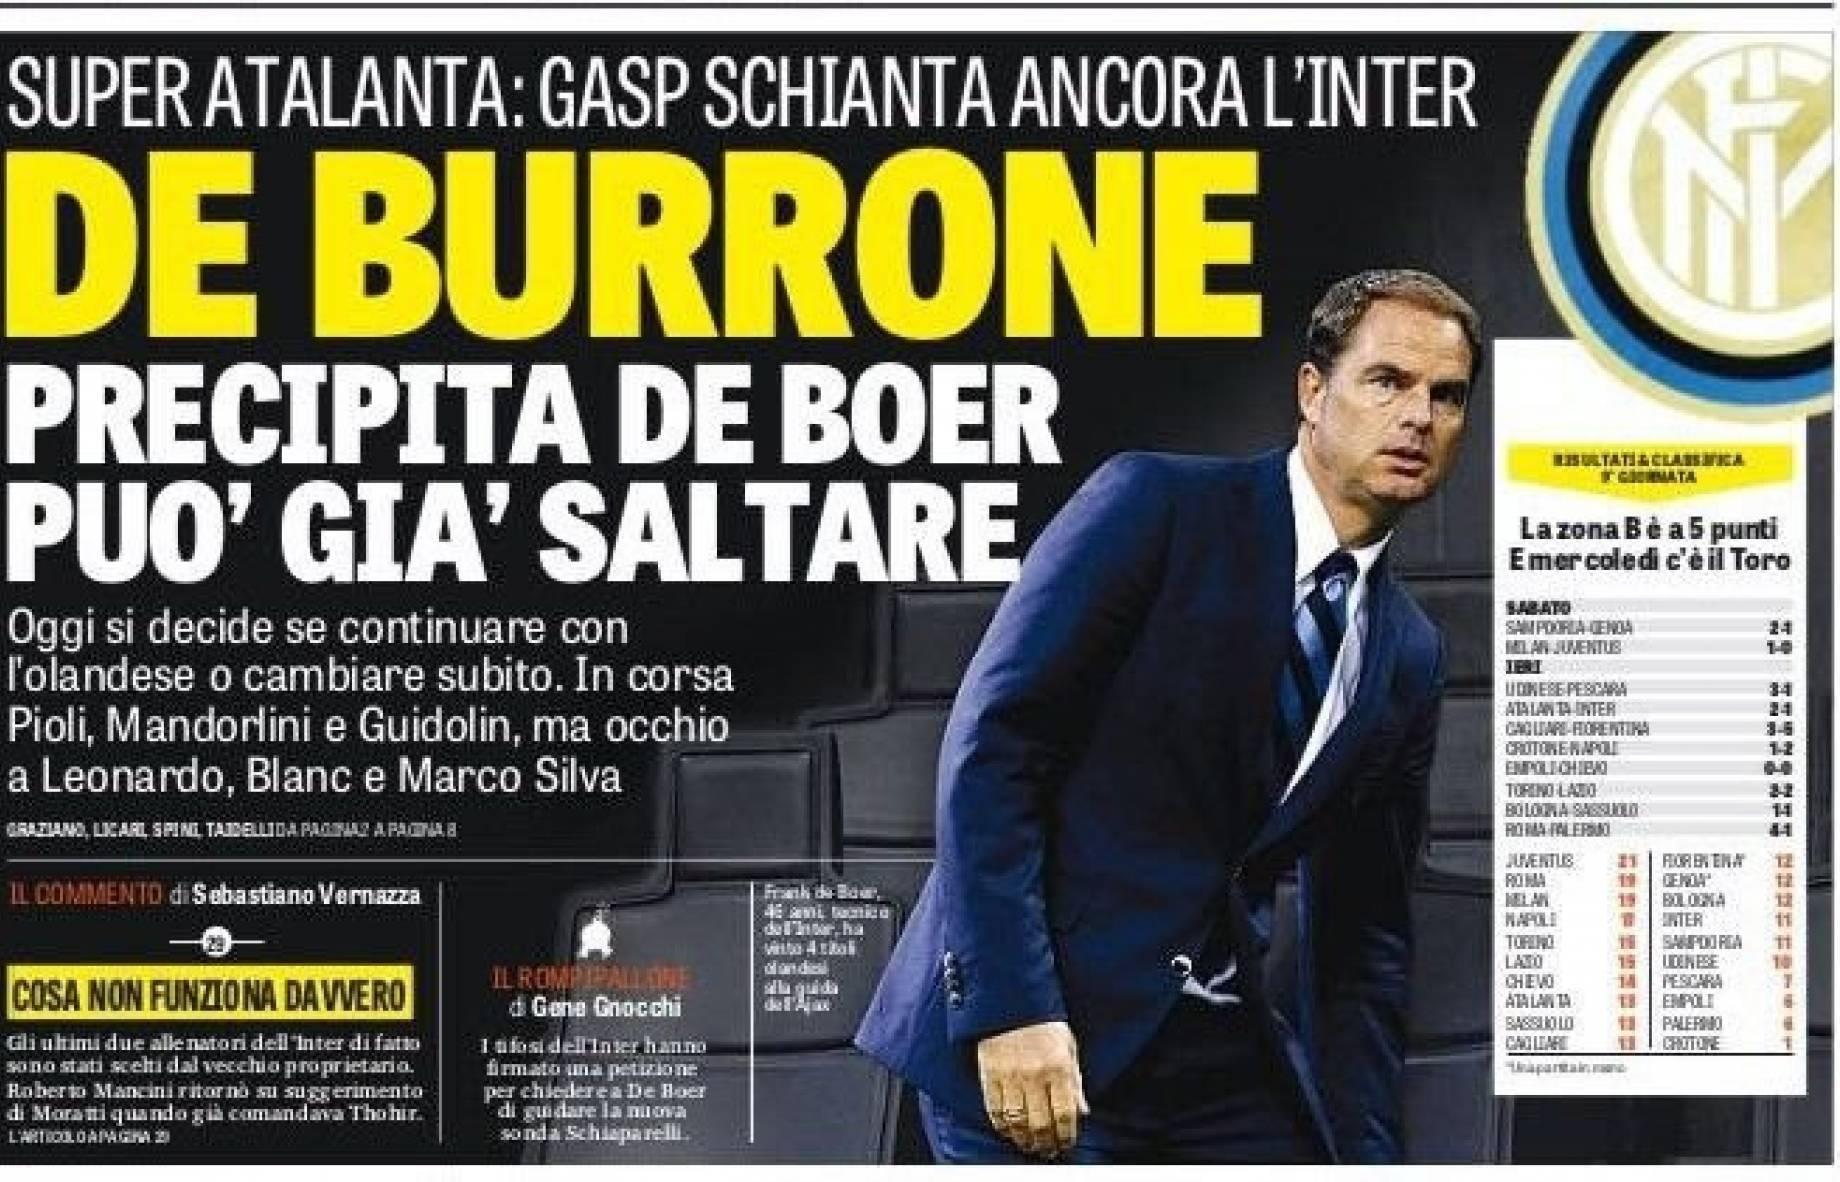 Pagina Di Calendario Settembre 2019.La Rassegna Stampa Sportiva Le Prime Pagine Di Oggi 4